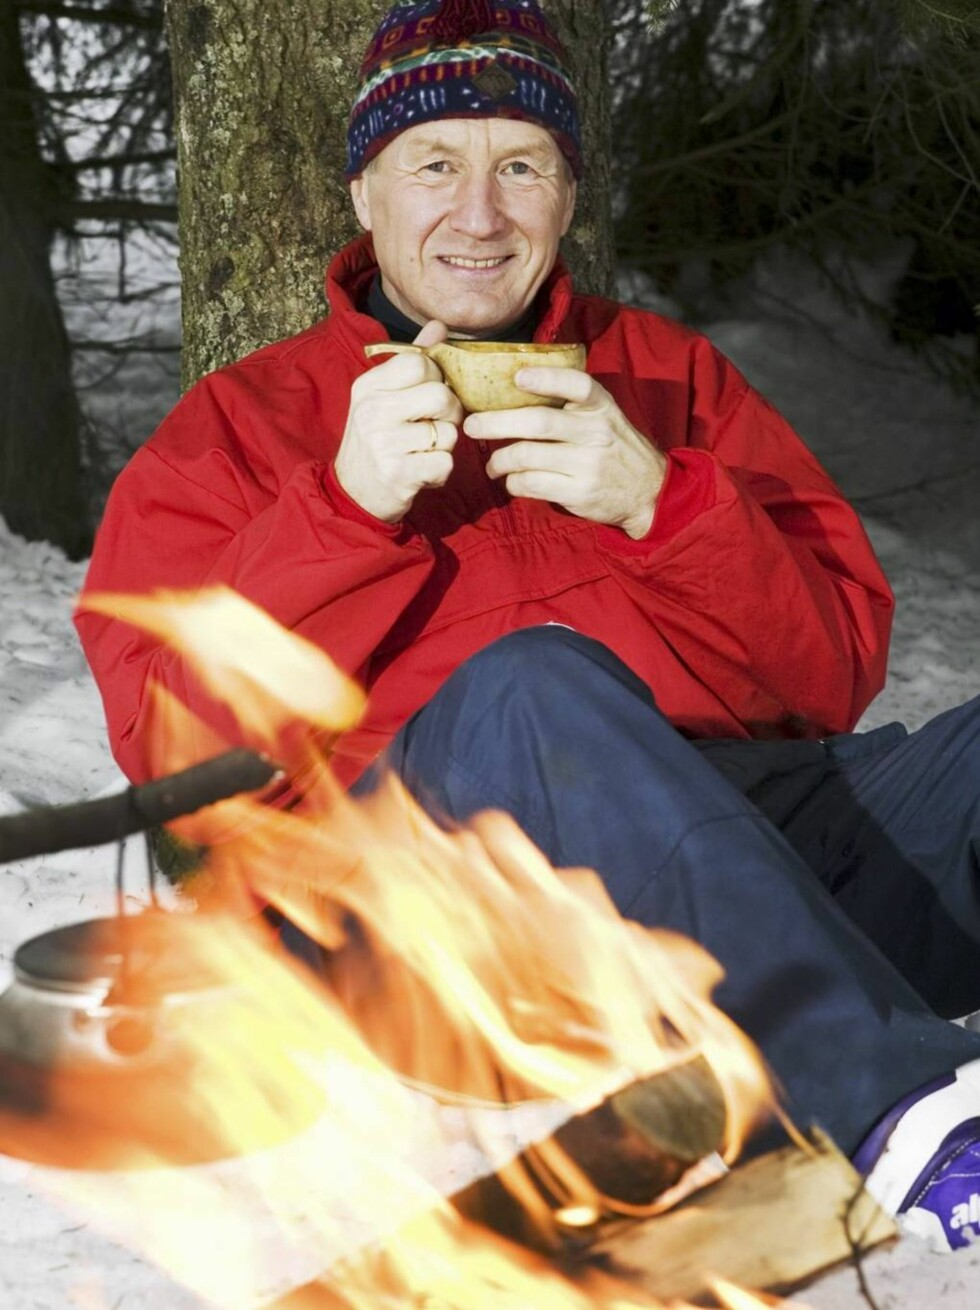 HELSEBOT: - Først en rask tur på ski, så rett inn i badstua. Etterpå avslutter jeg gjerne med et glass vin foran peisen. Det er helsebot det! sier Thorbjørn Jagland.